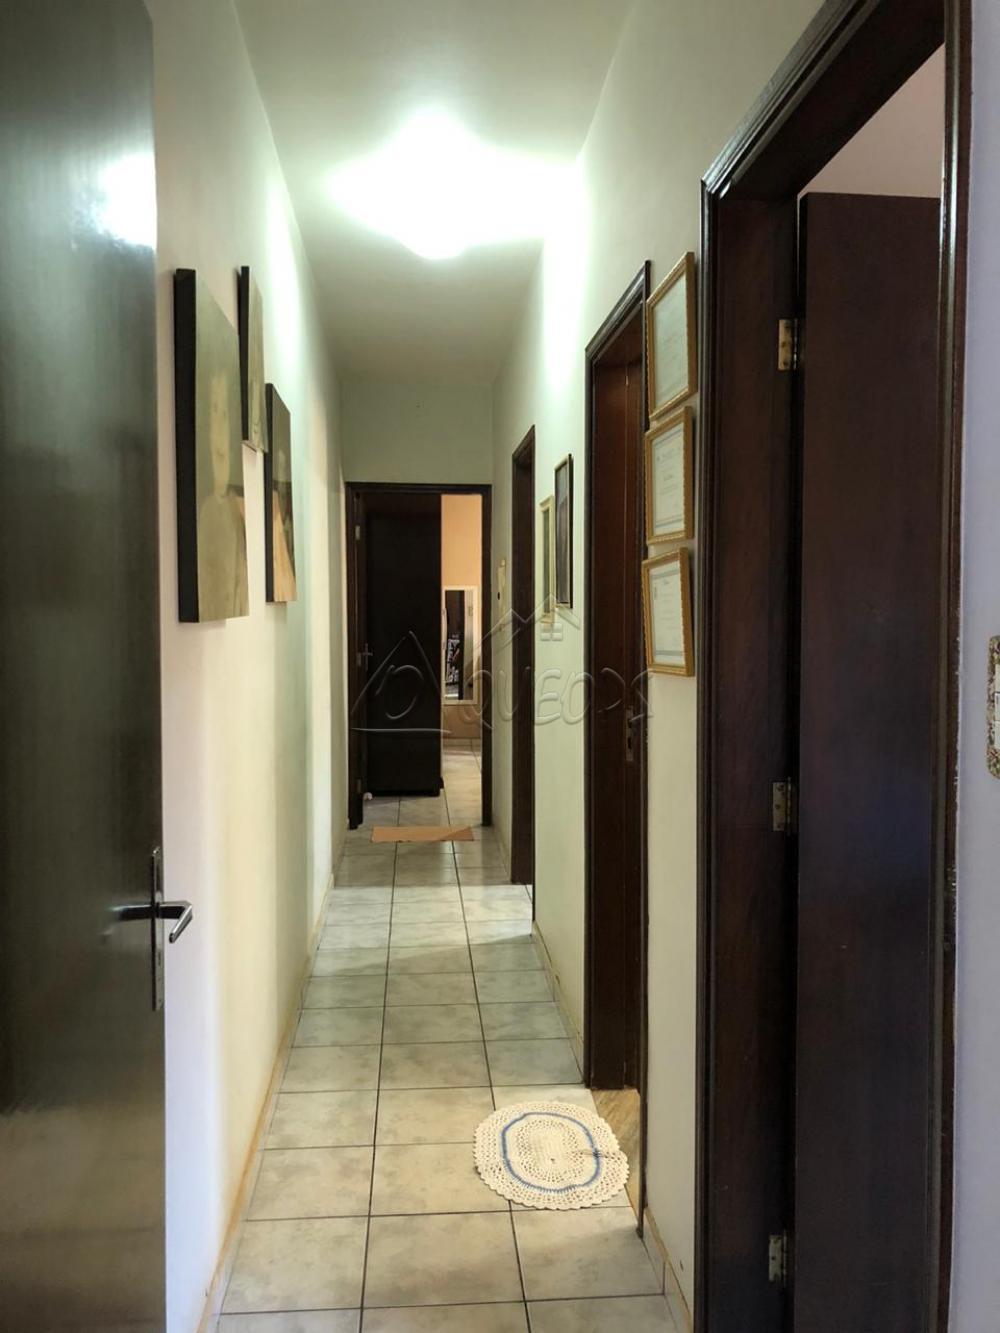 Comprar Casa / Padrão em Barretos apenas R$ 350.000,00 - Foto 4